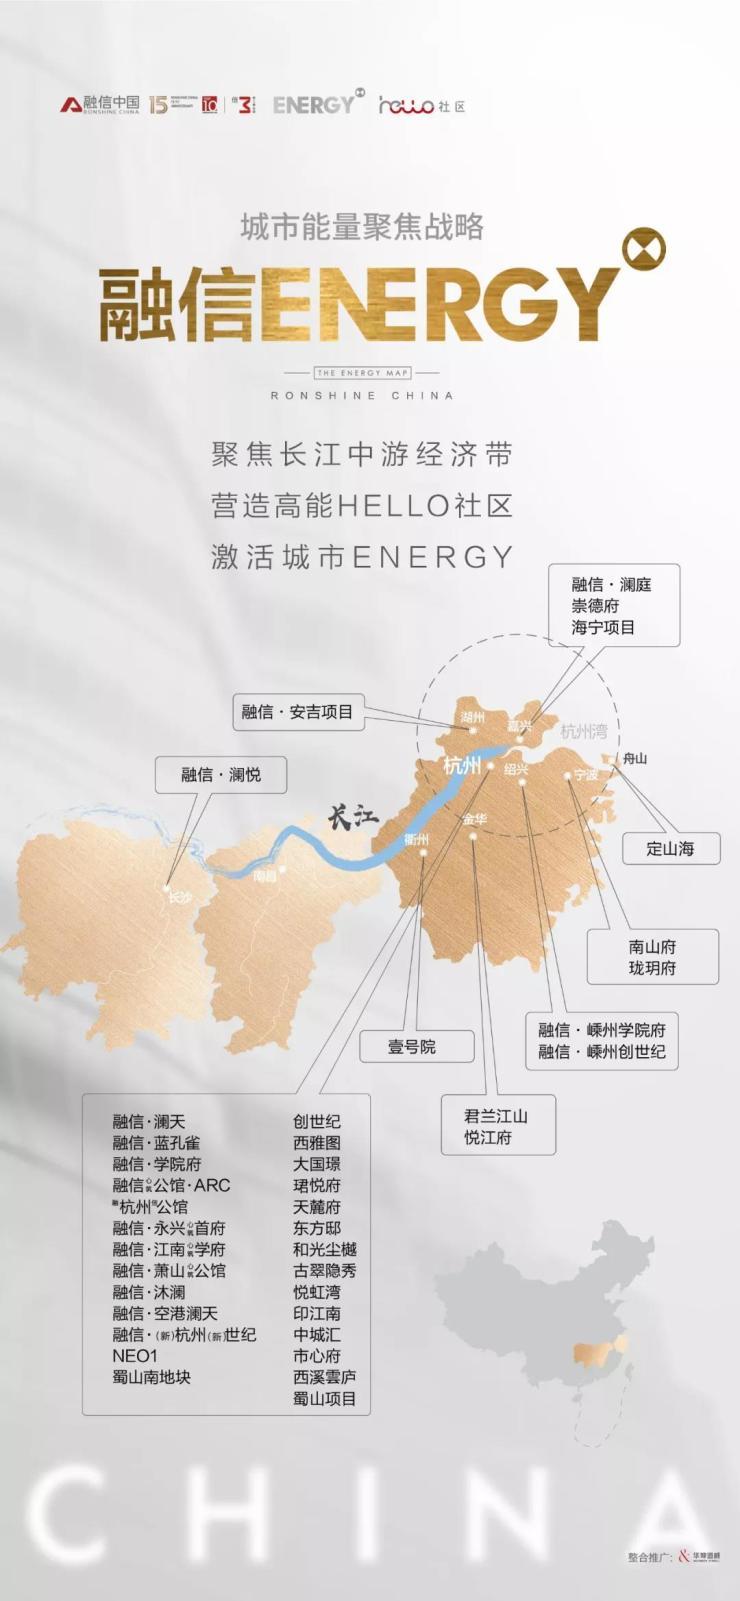 長沙南部片區規劃公布丨融信聚焦高能,悅見融城極核